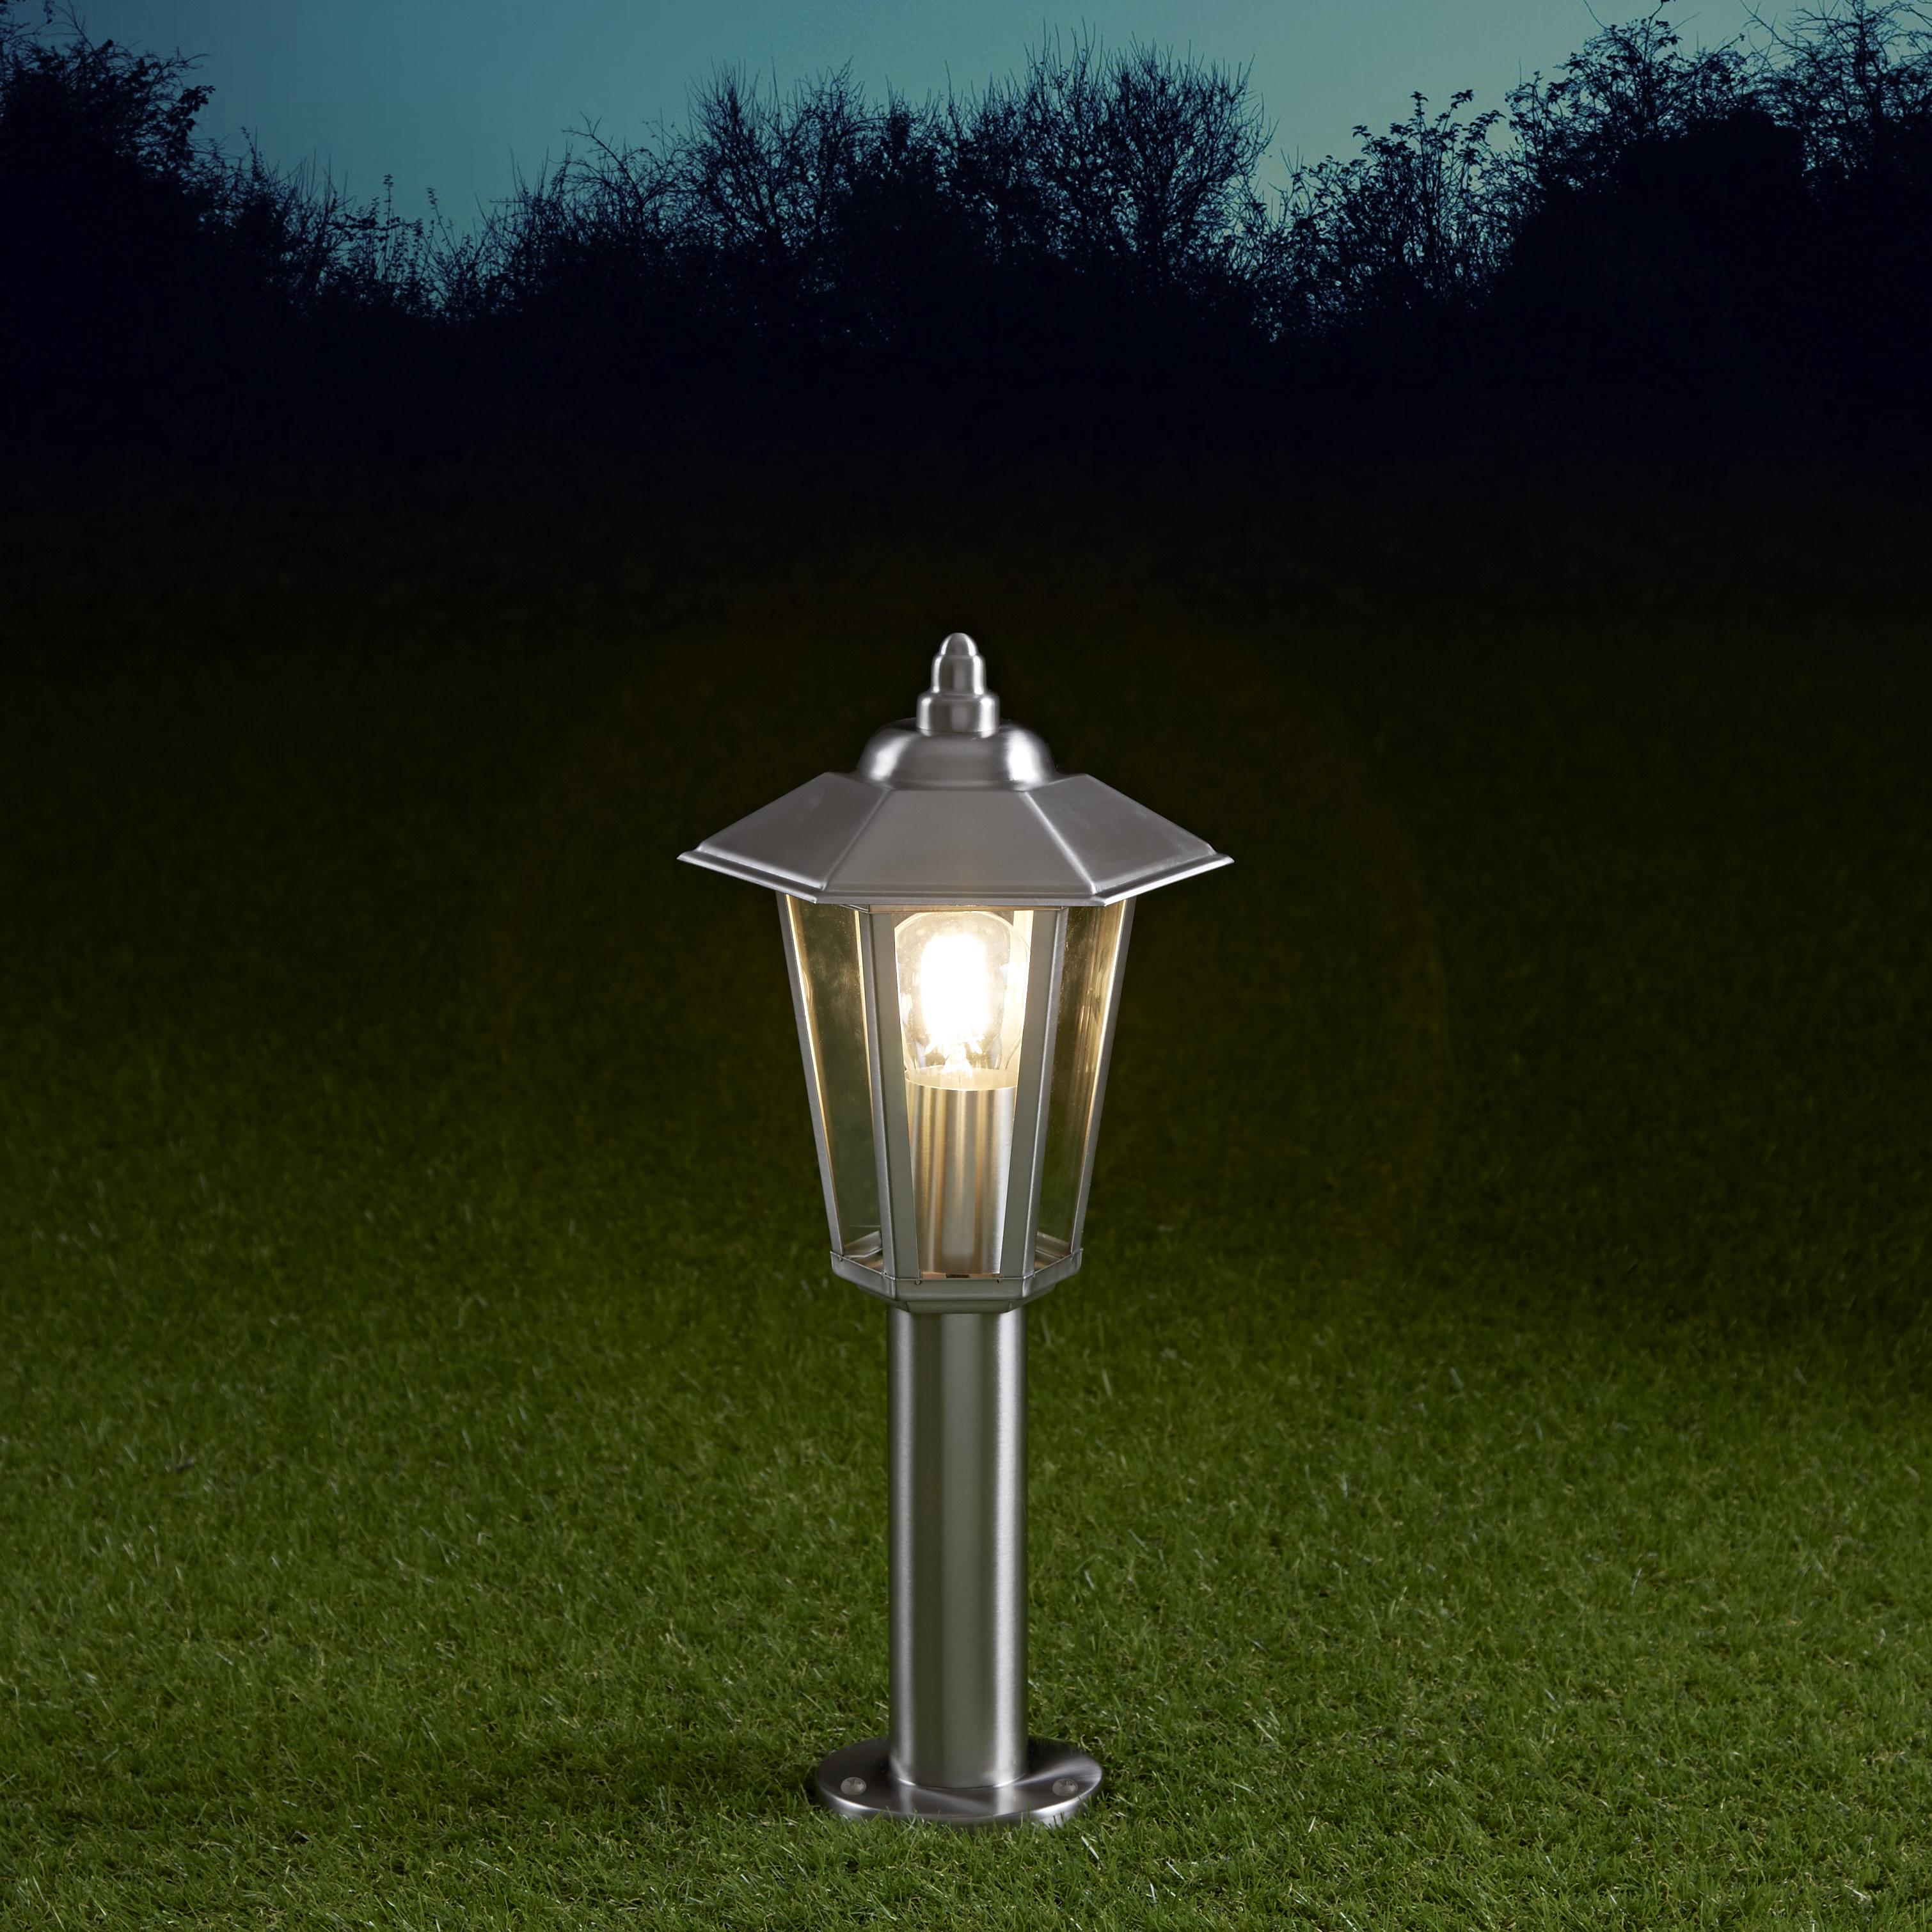 Biard Cannes 450mm Pollerleuchte Edelstahl Chrom inklusive Leuchtmittel